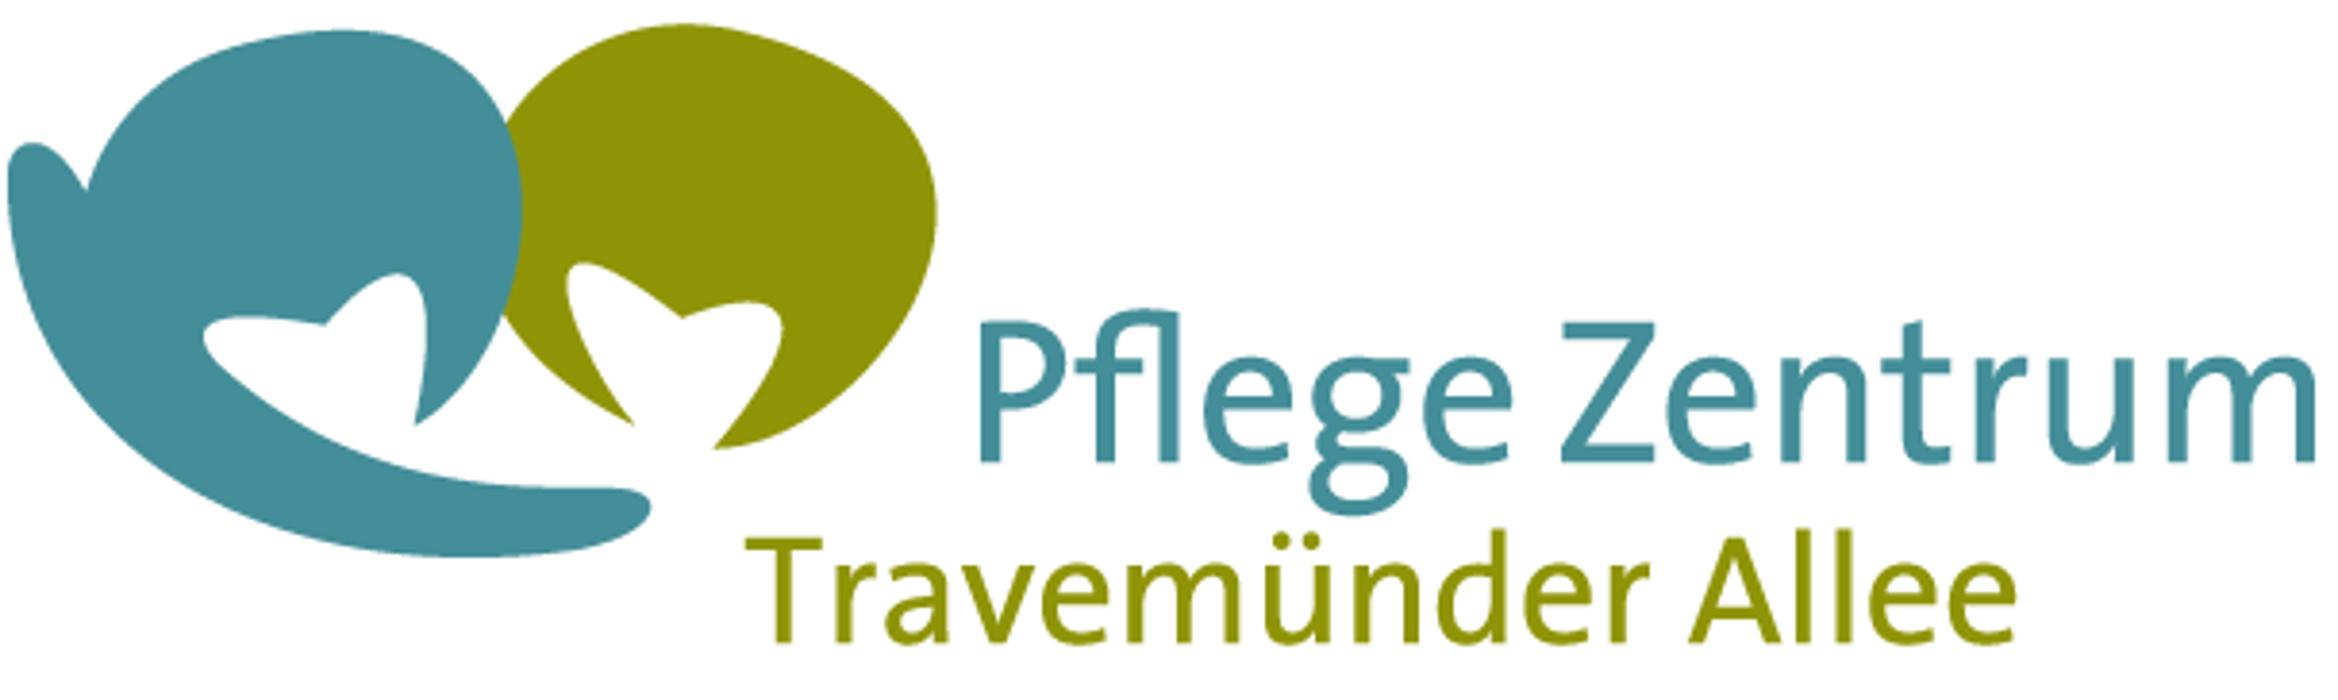 Bild zu Pflege Zentrum Travemünder Allee Pflegezentrum Nazareth gGmbH in Lübeck